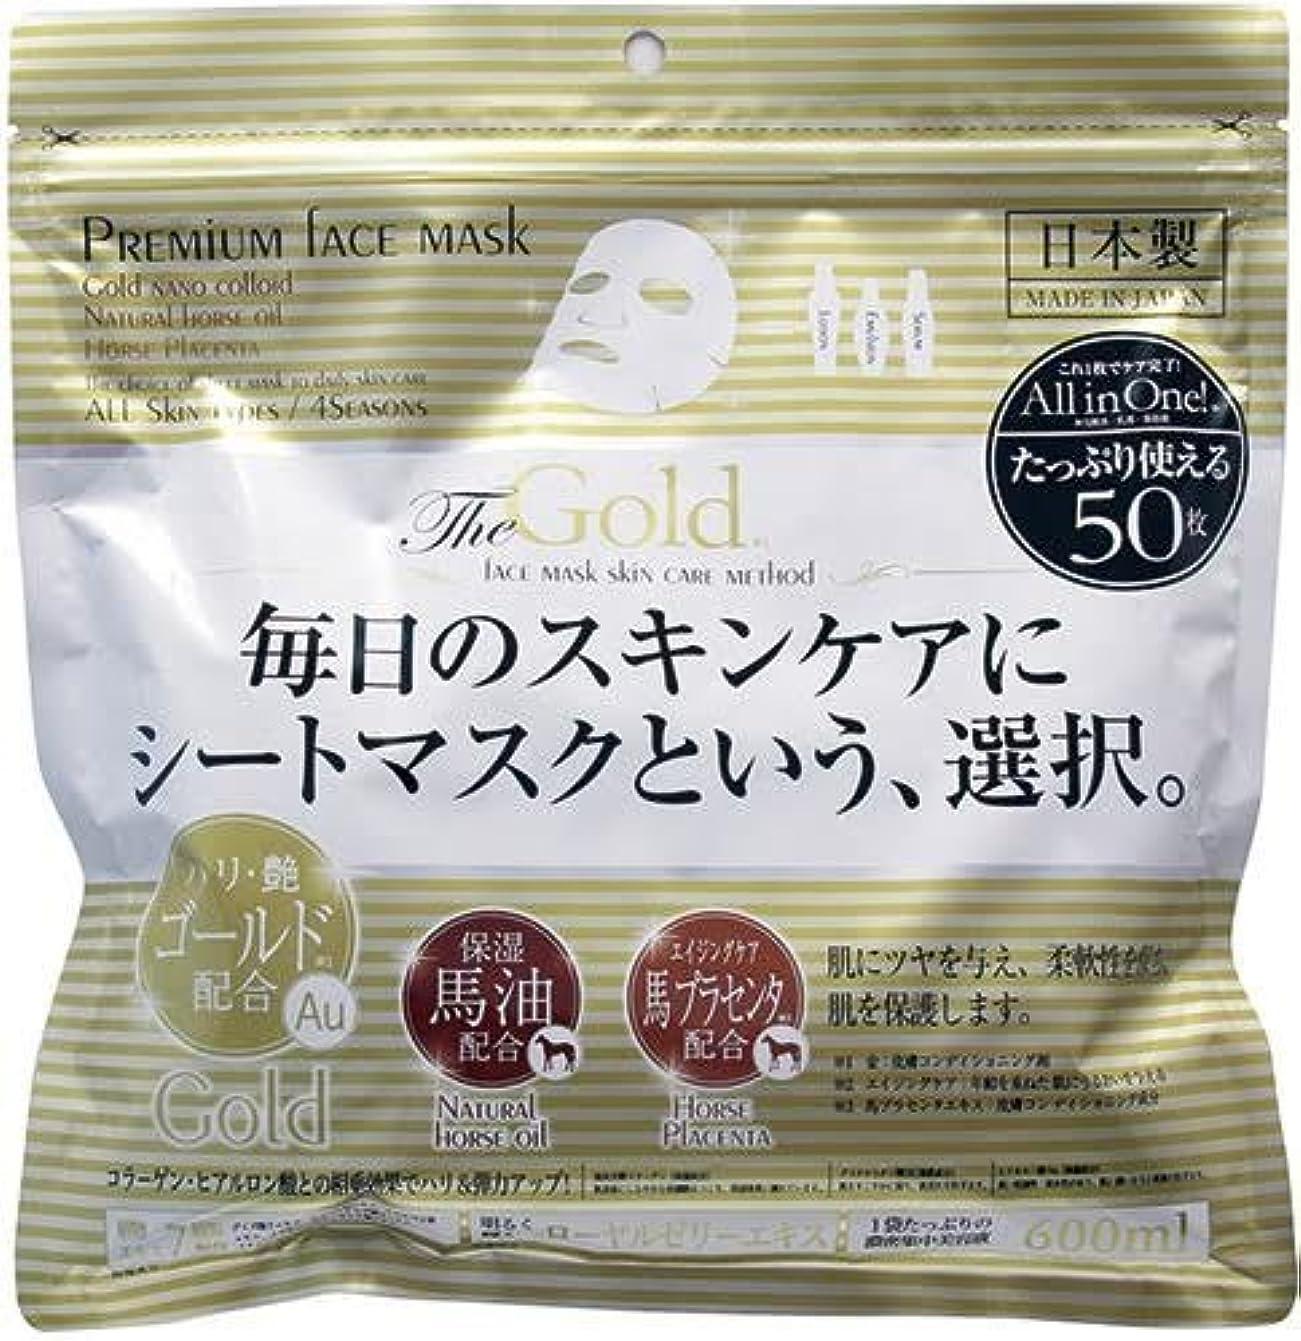 前文運営予測するプレミアムフェイスマスク ゴールド 50枚入 6個セット ★化粧水、乳液、美容液 ★オールインワンシートマスク